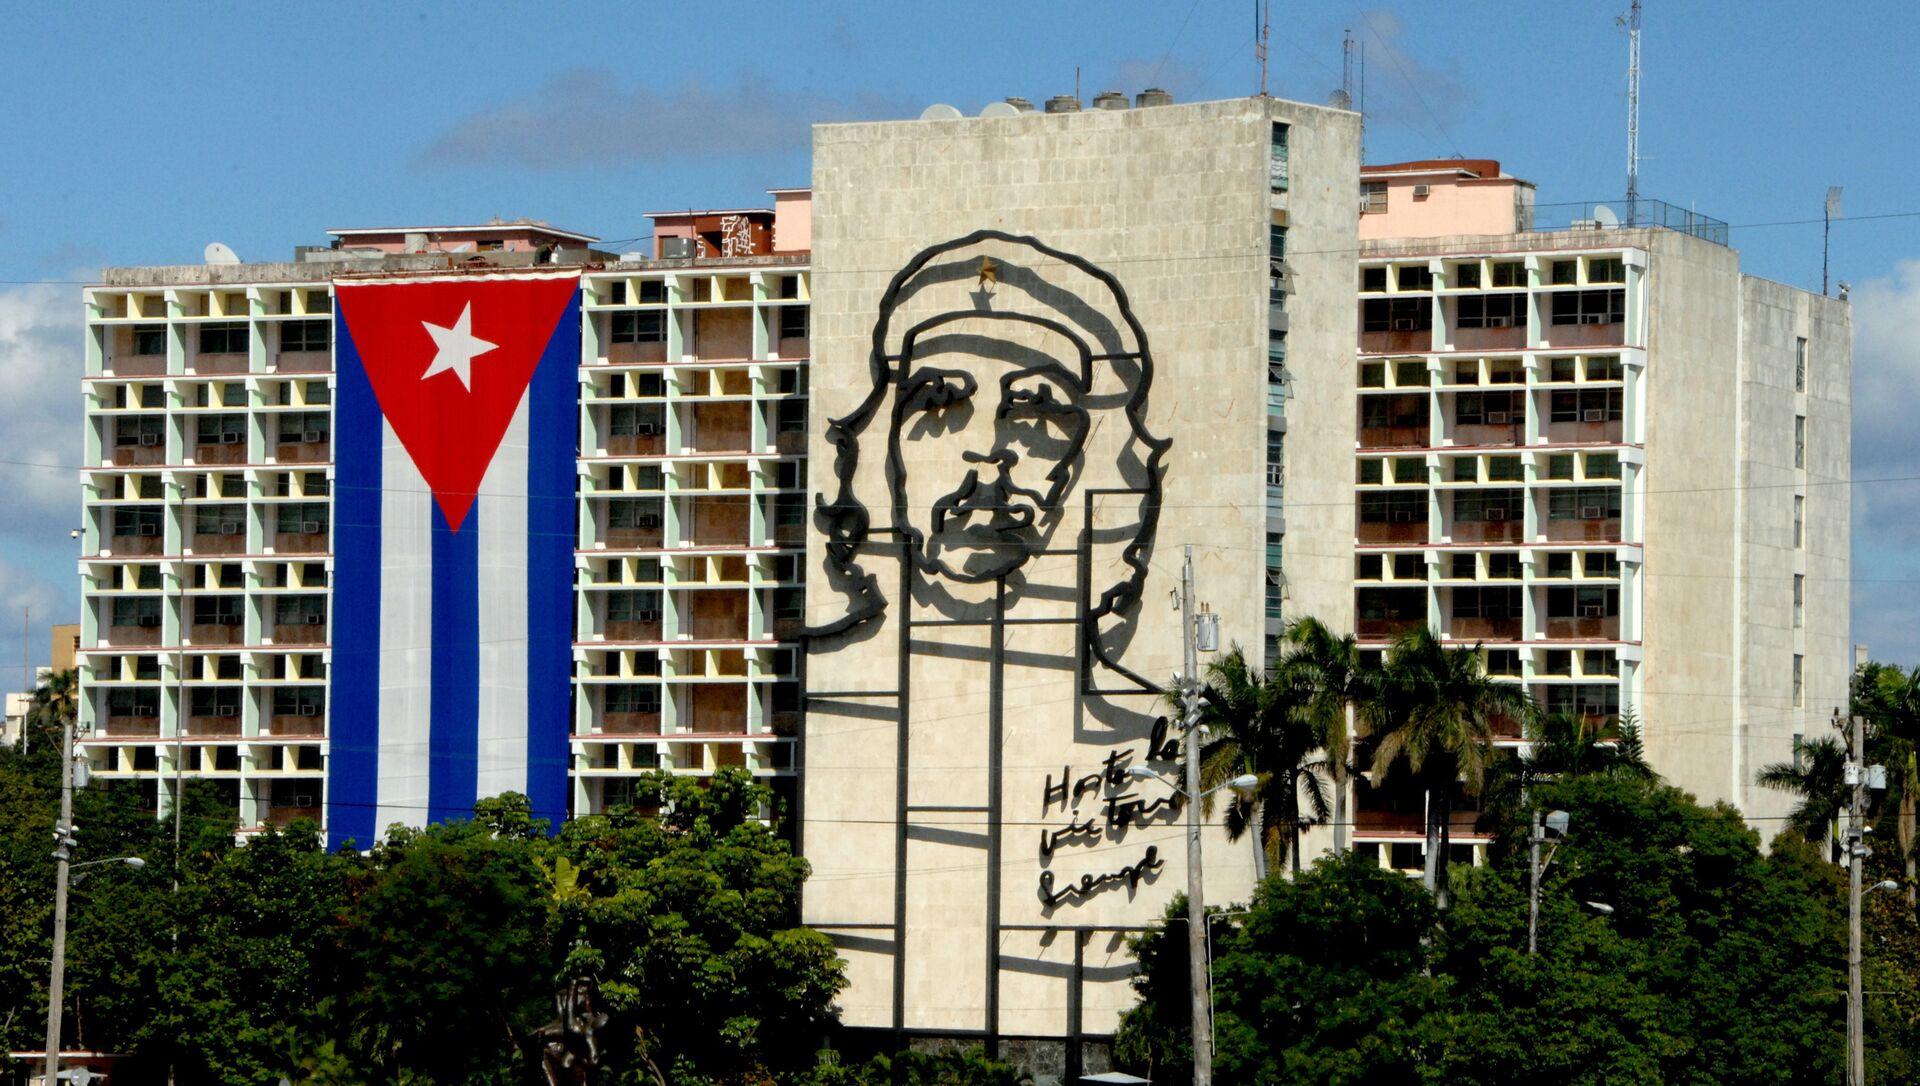 Views of Cuba - Sputnik International, 1920, 30.07.2021